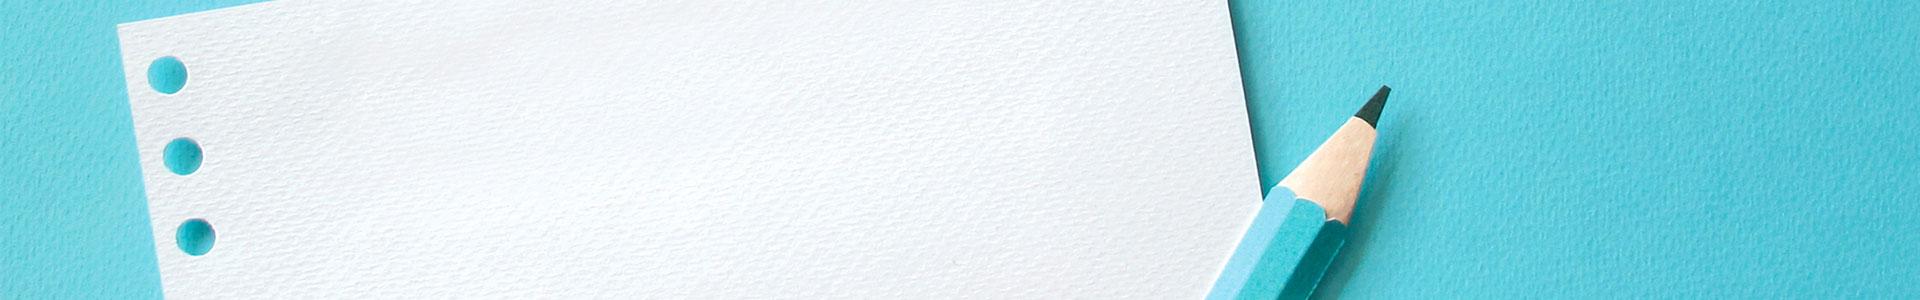 Bleistift und Papier auf türkisem Hintergrund